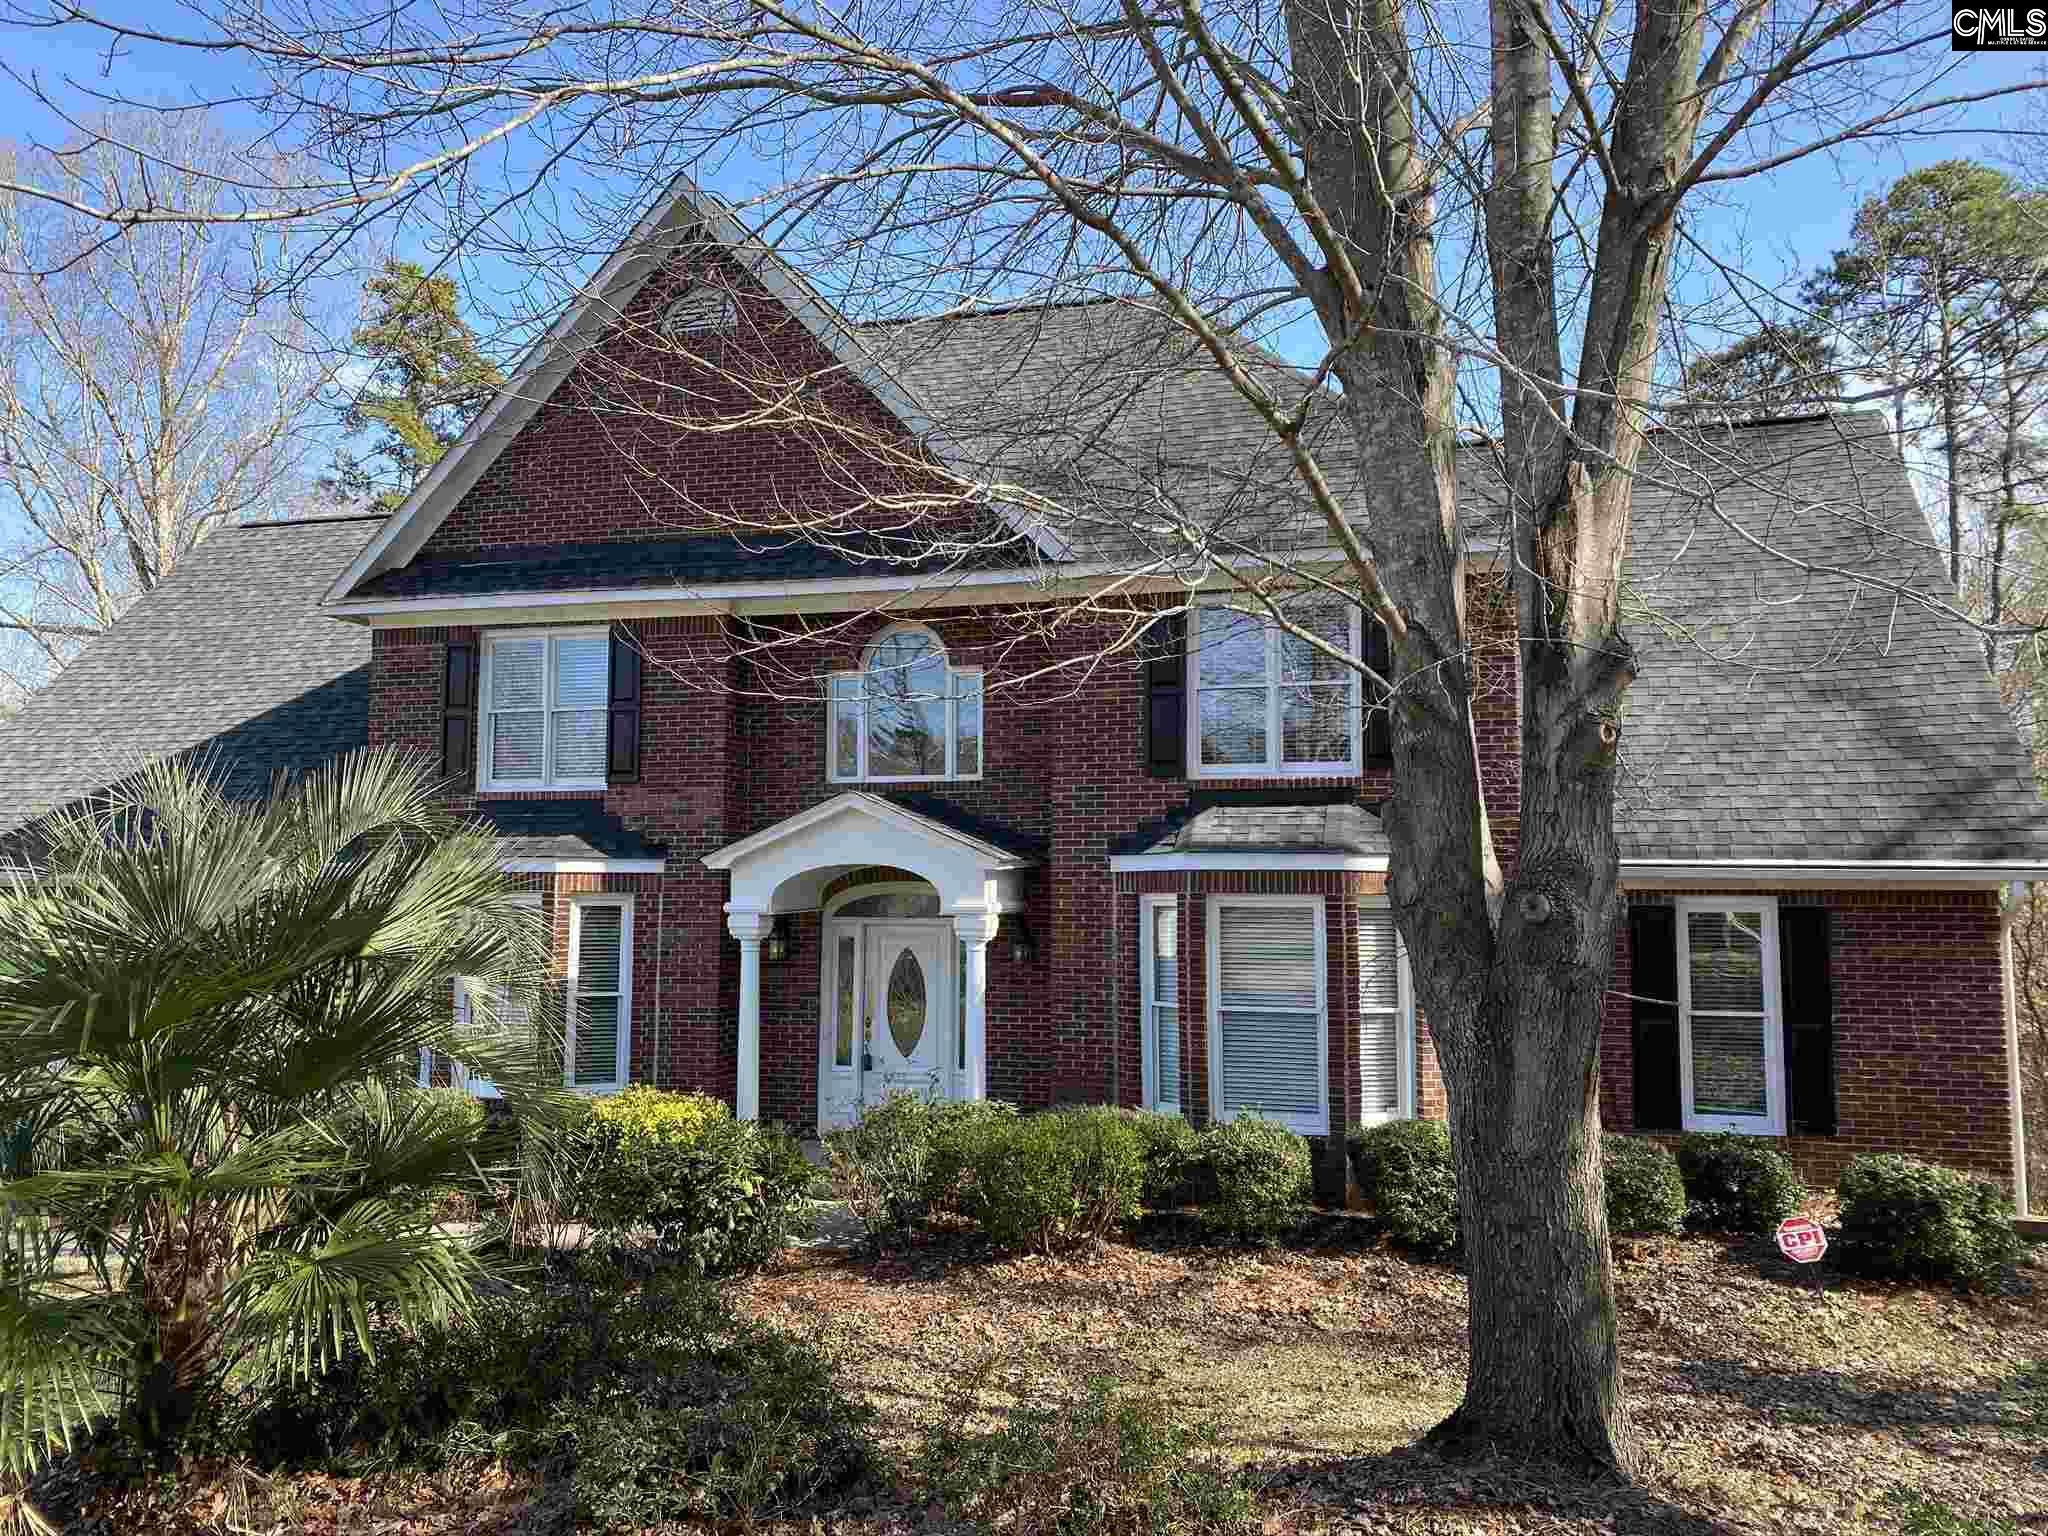 207 Misty Oaks Lexington, SC 29072